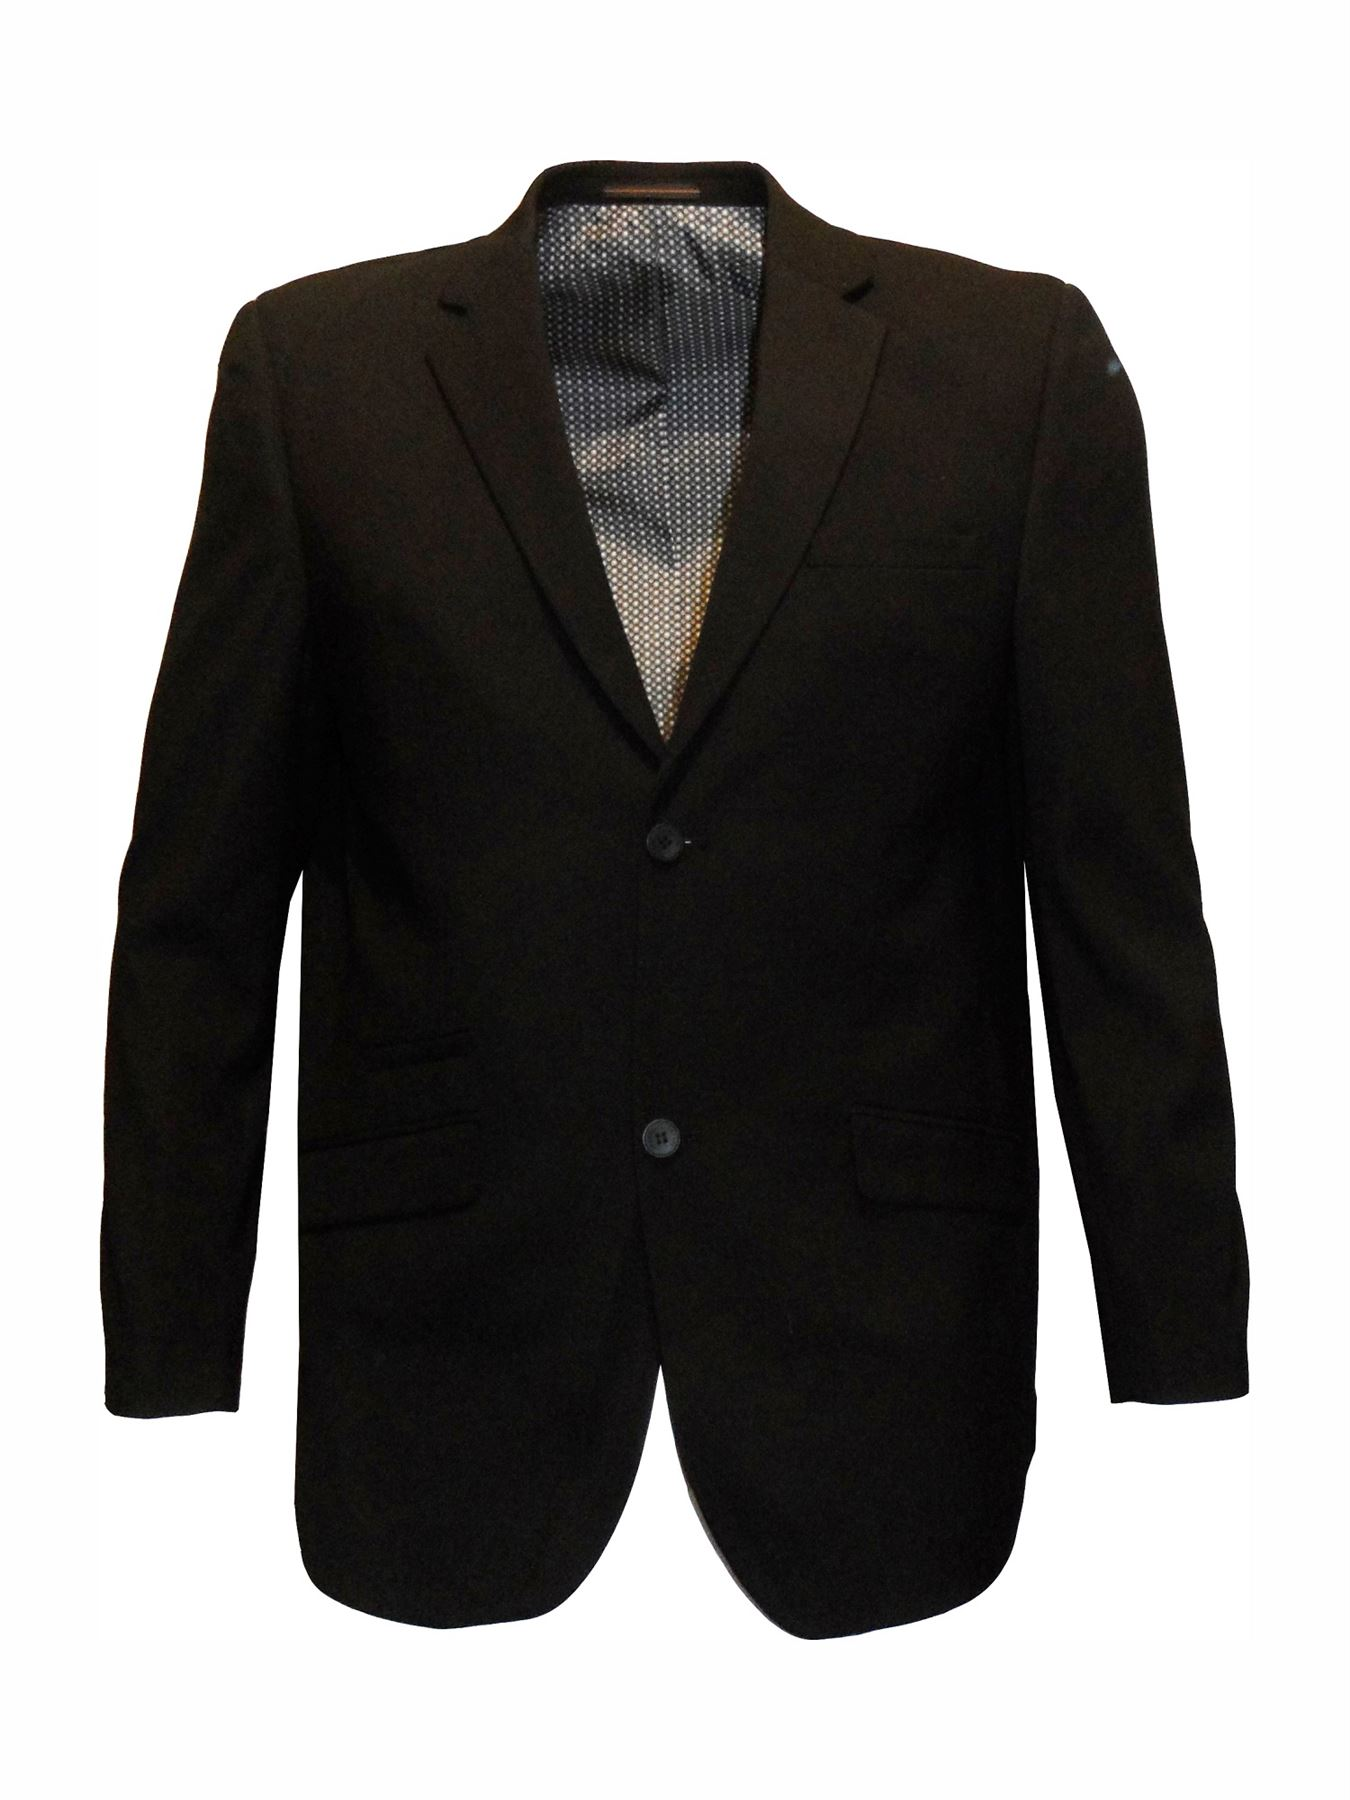 Mens Formal Regular Fit Plain Black Suit Jacket (Felix) in Size 36 ...